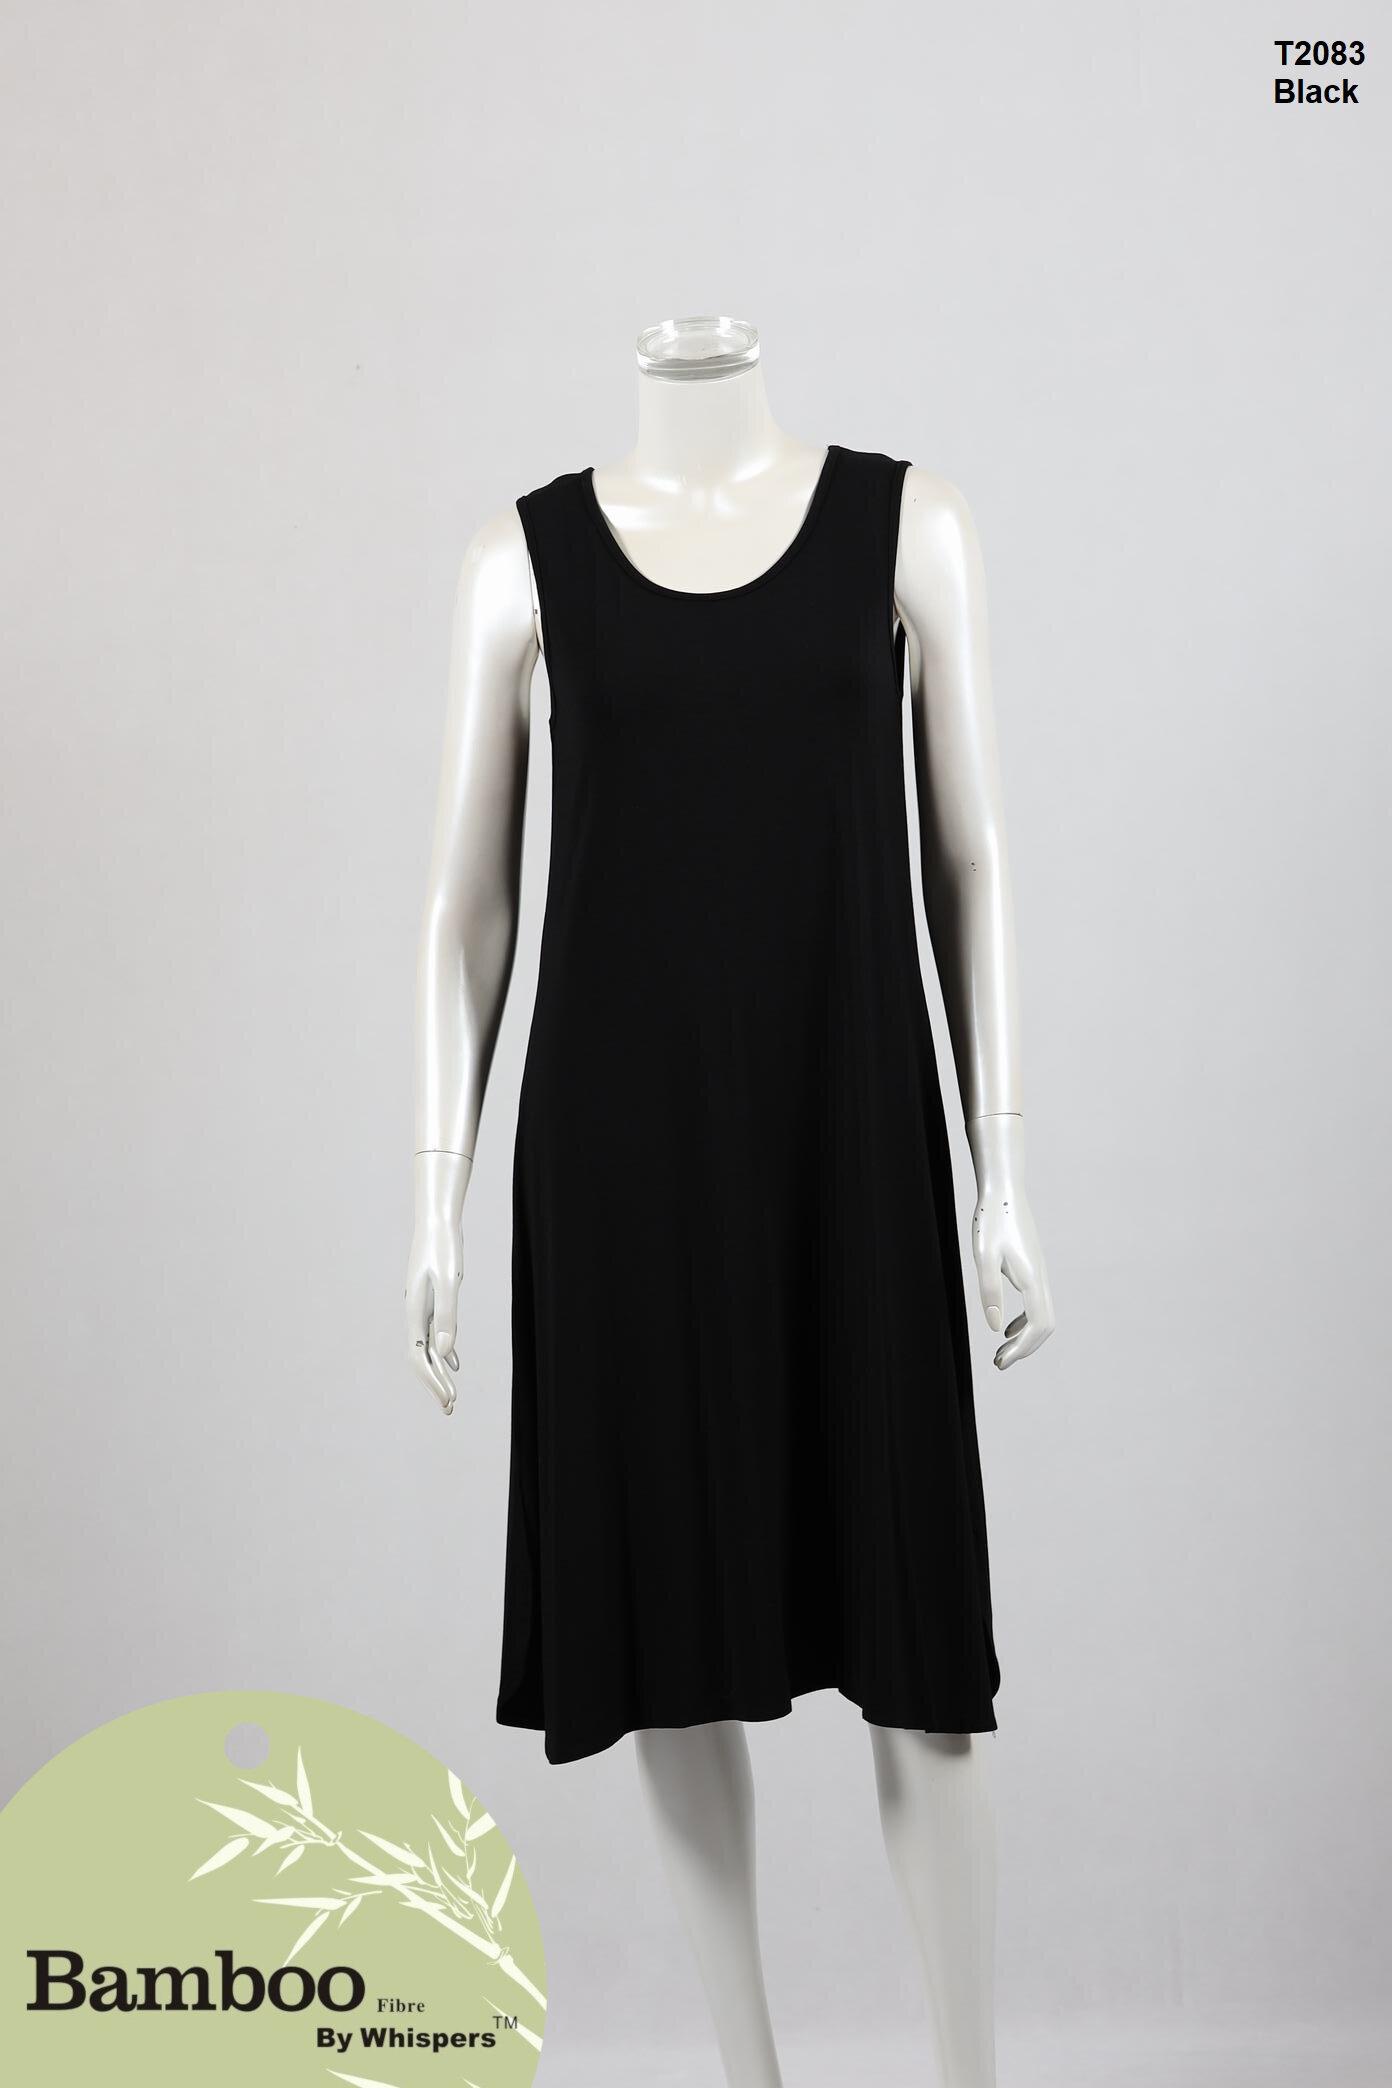 T2083-Bamboo Dress-Black.JPG